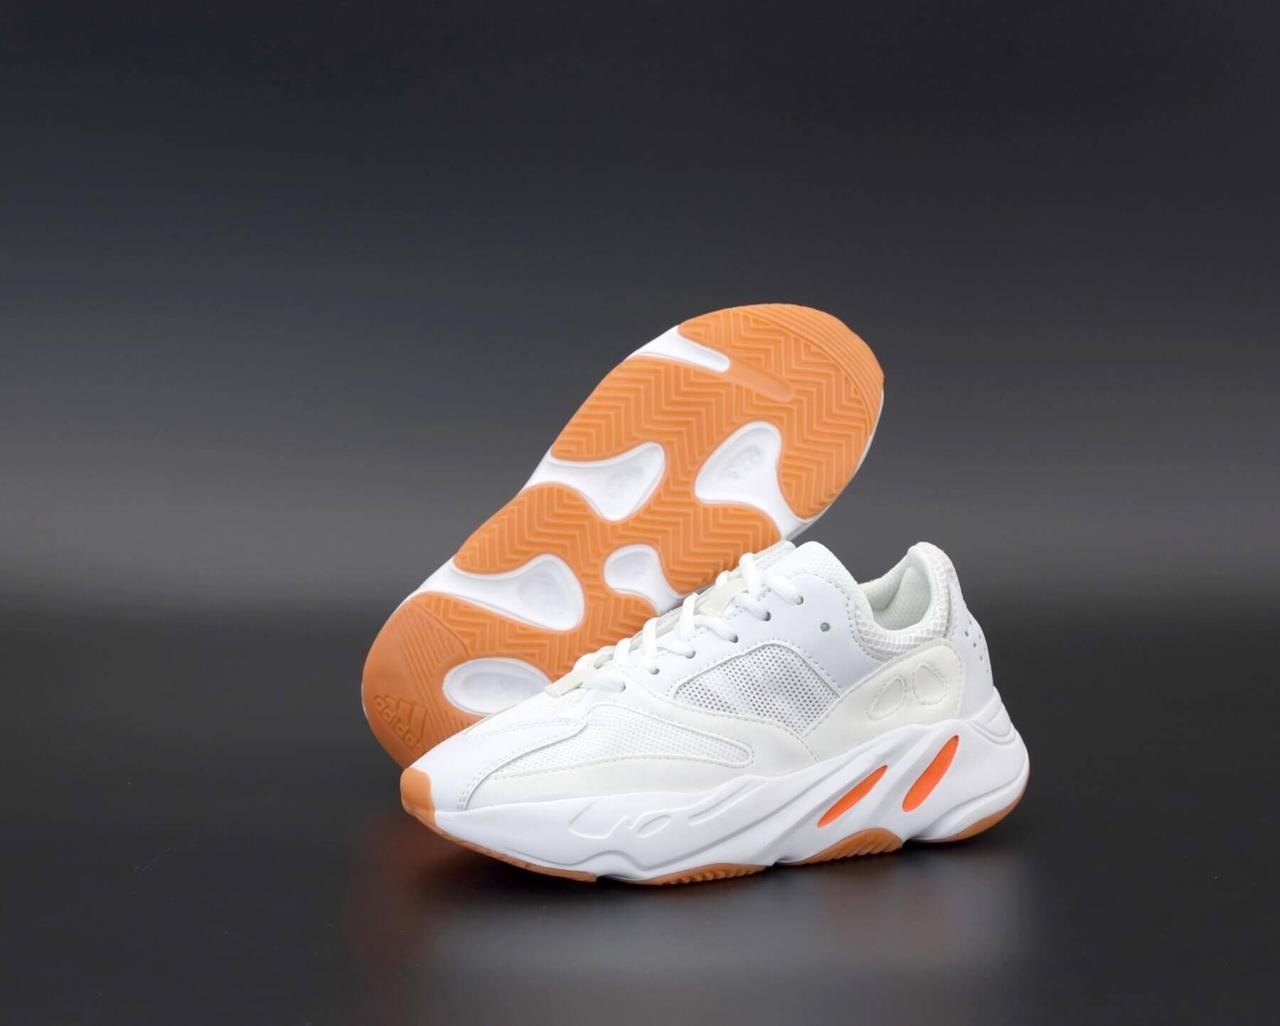 Женские белые кроссовки Адидас Изи Буст 700 (кроссовки Adidas Yeezy Boost 700 White) рефлективные вставки